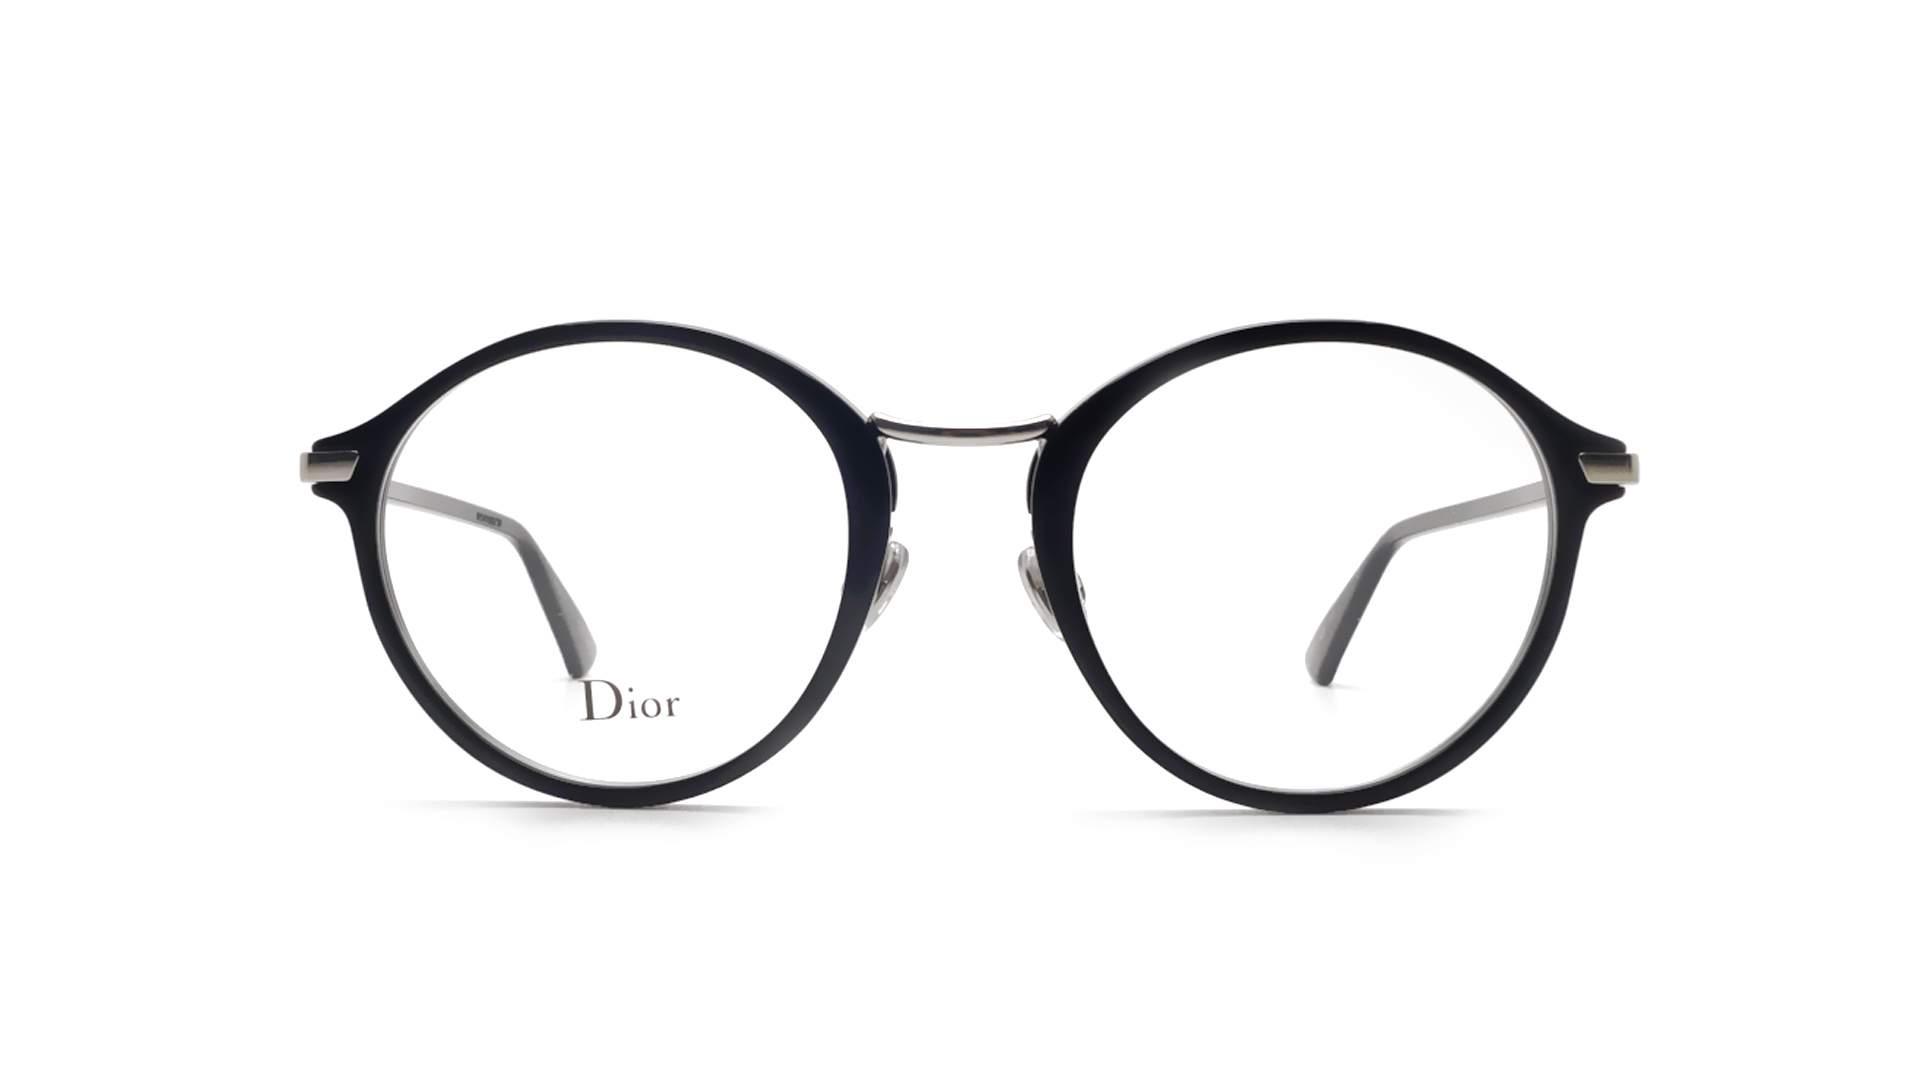 6d602e2c52f Eyeglasses Dior Essence 6 Black DIORESSENCE6 807 49-21 Medium